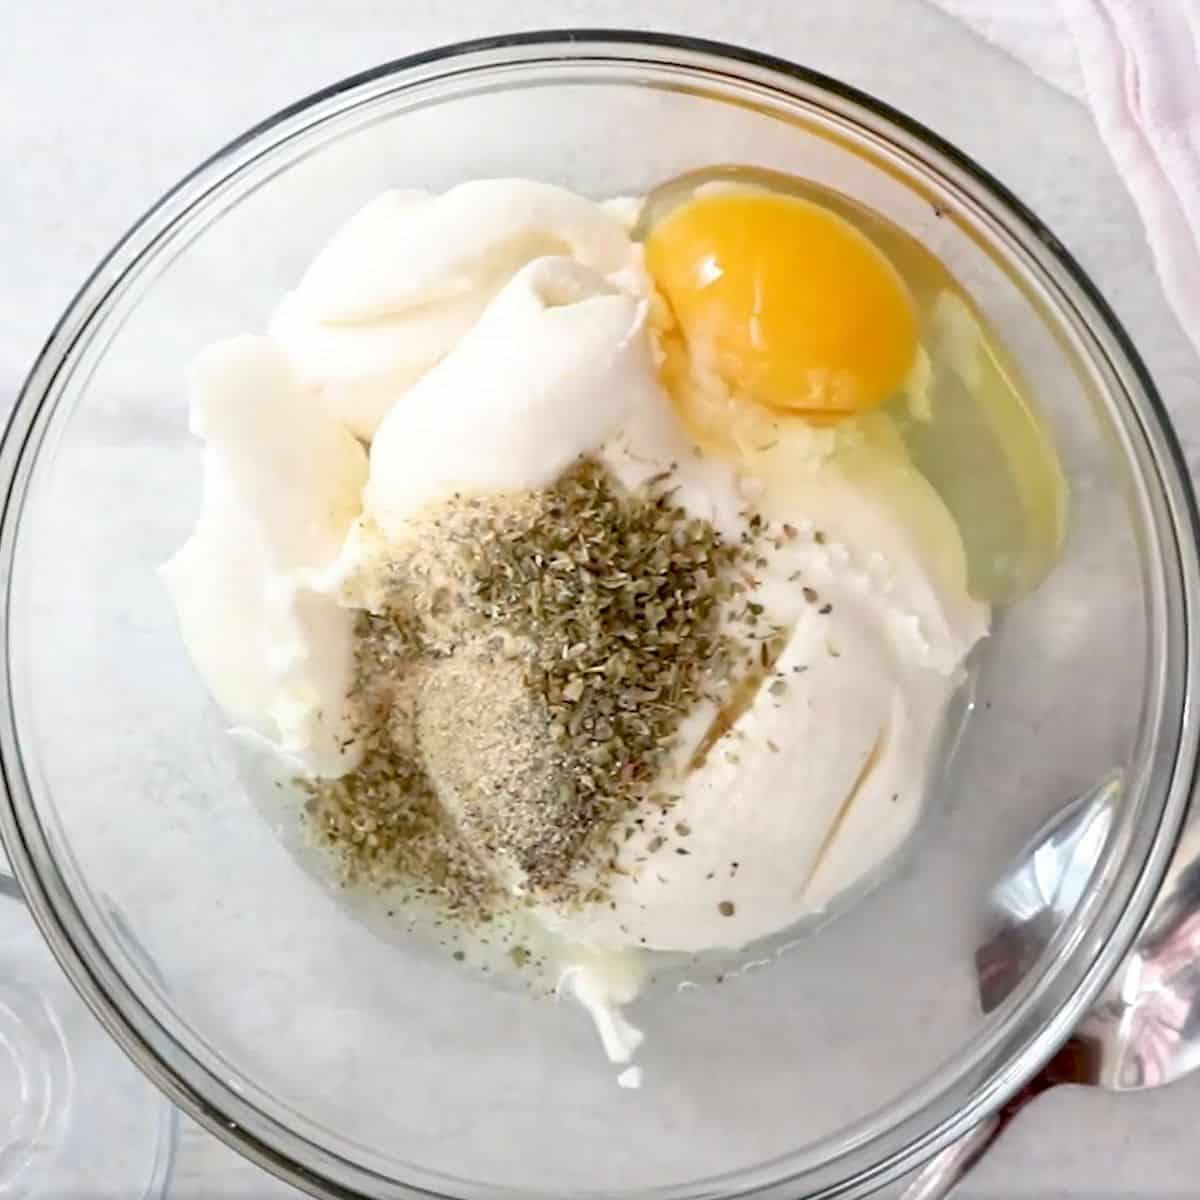 Ricotta mixture in mixing bowl for lasagan.